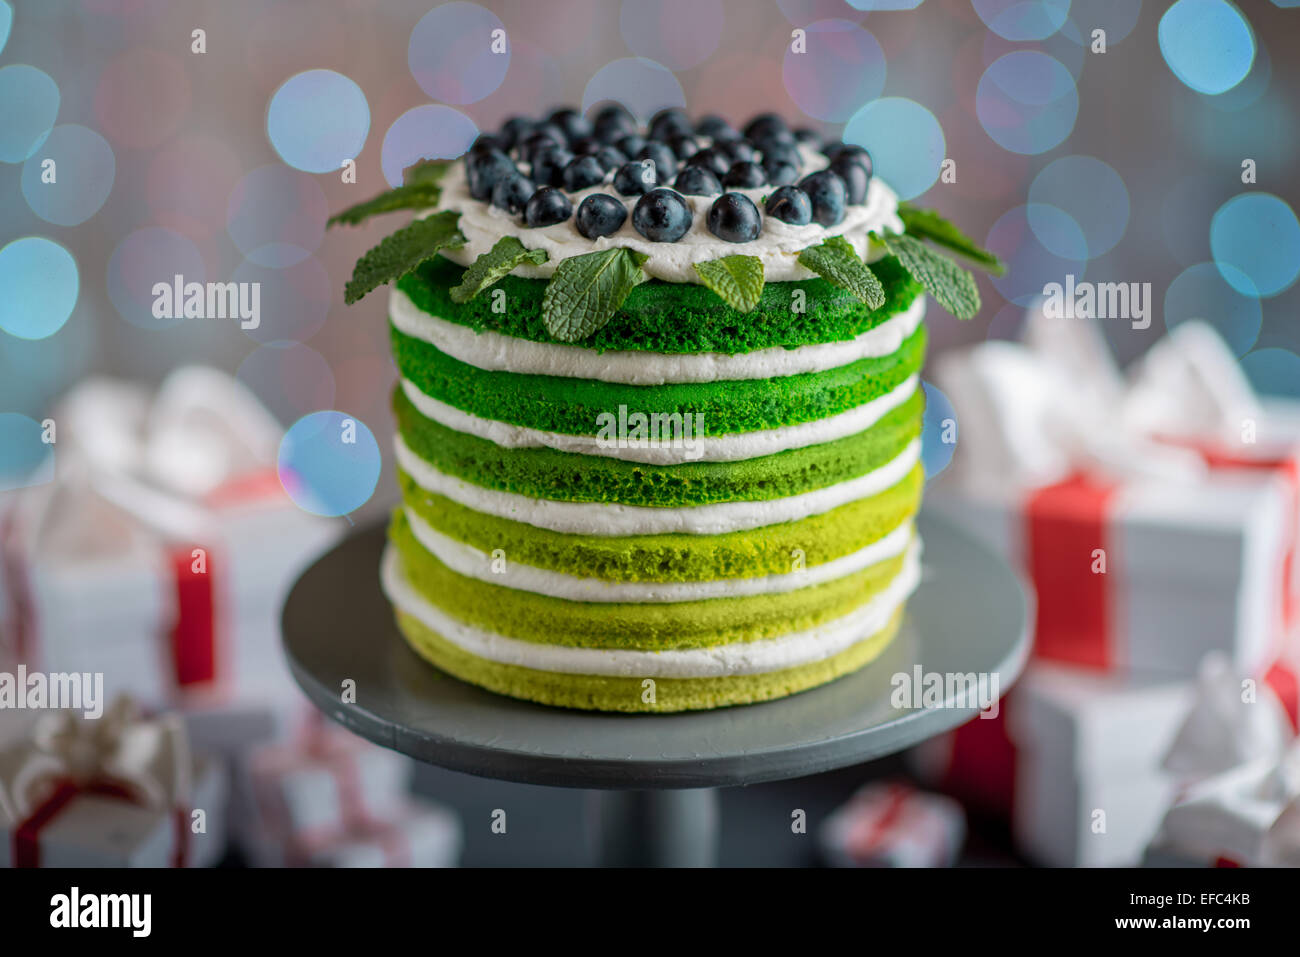 Schön alles Gute zum Geburtstagskuchen mit Mascarpone und Trauben mit auf die Tortenplatte mit Geschenk-Boxen Stockbild